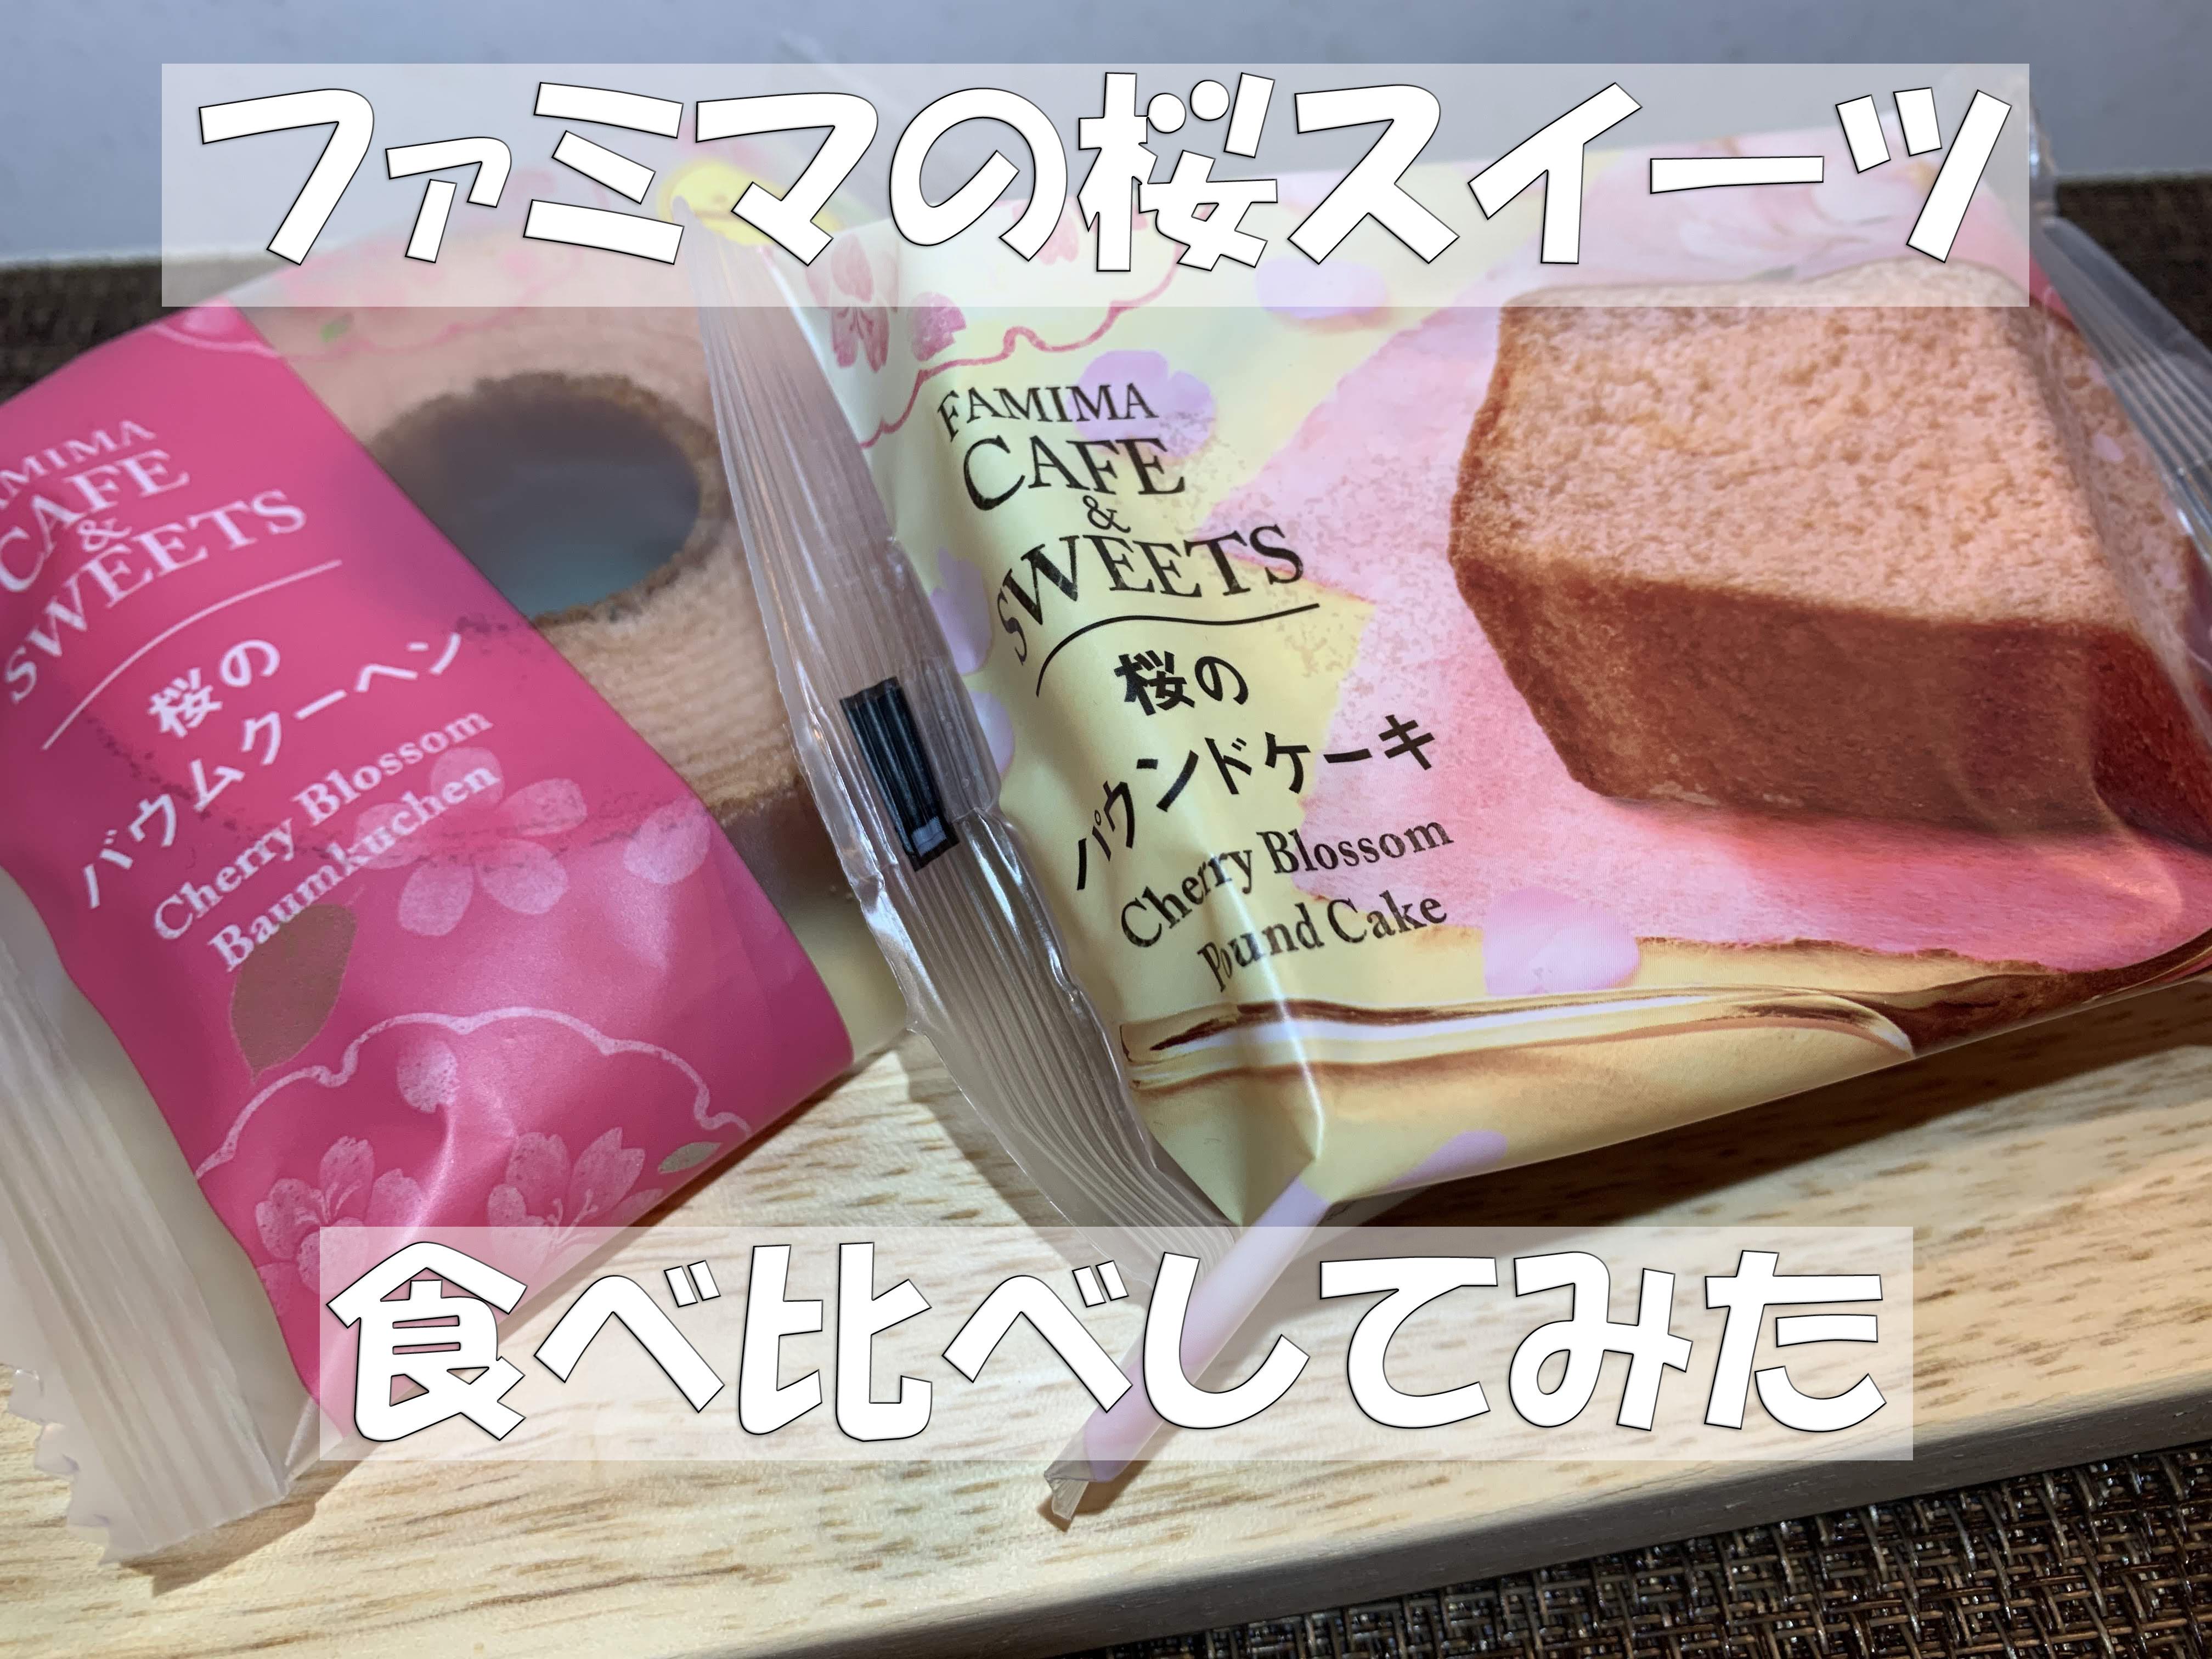 ファミマカフェスイーツ:桜のバウムクーヘン&桜のパウンドケーキ